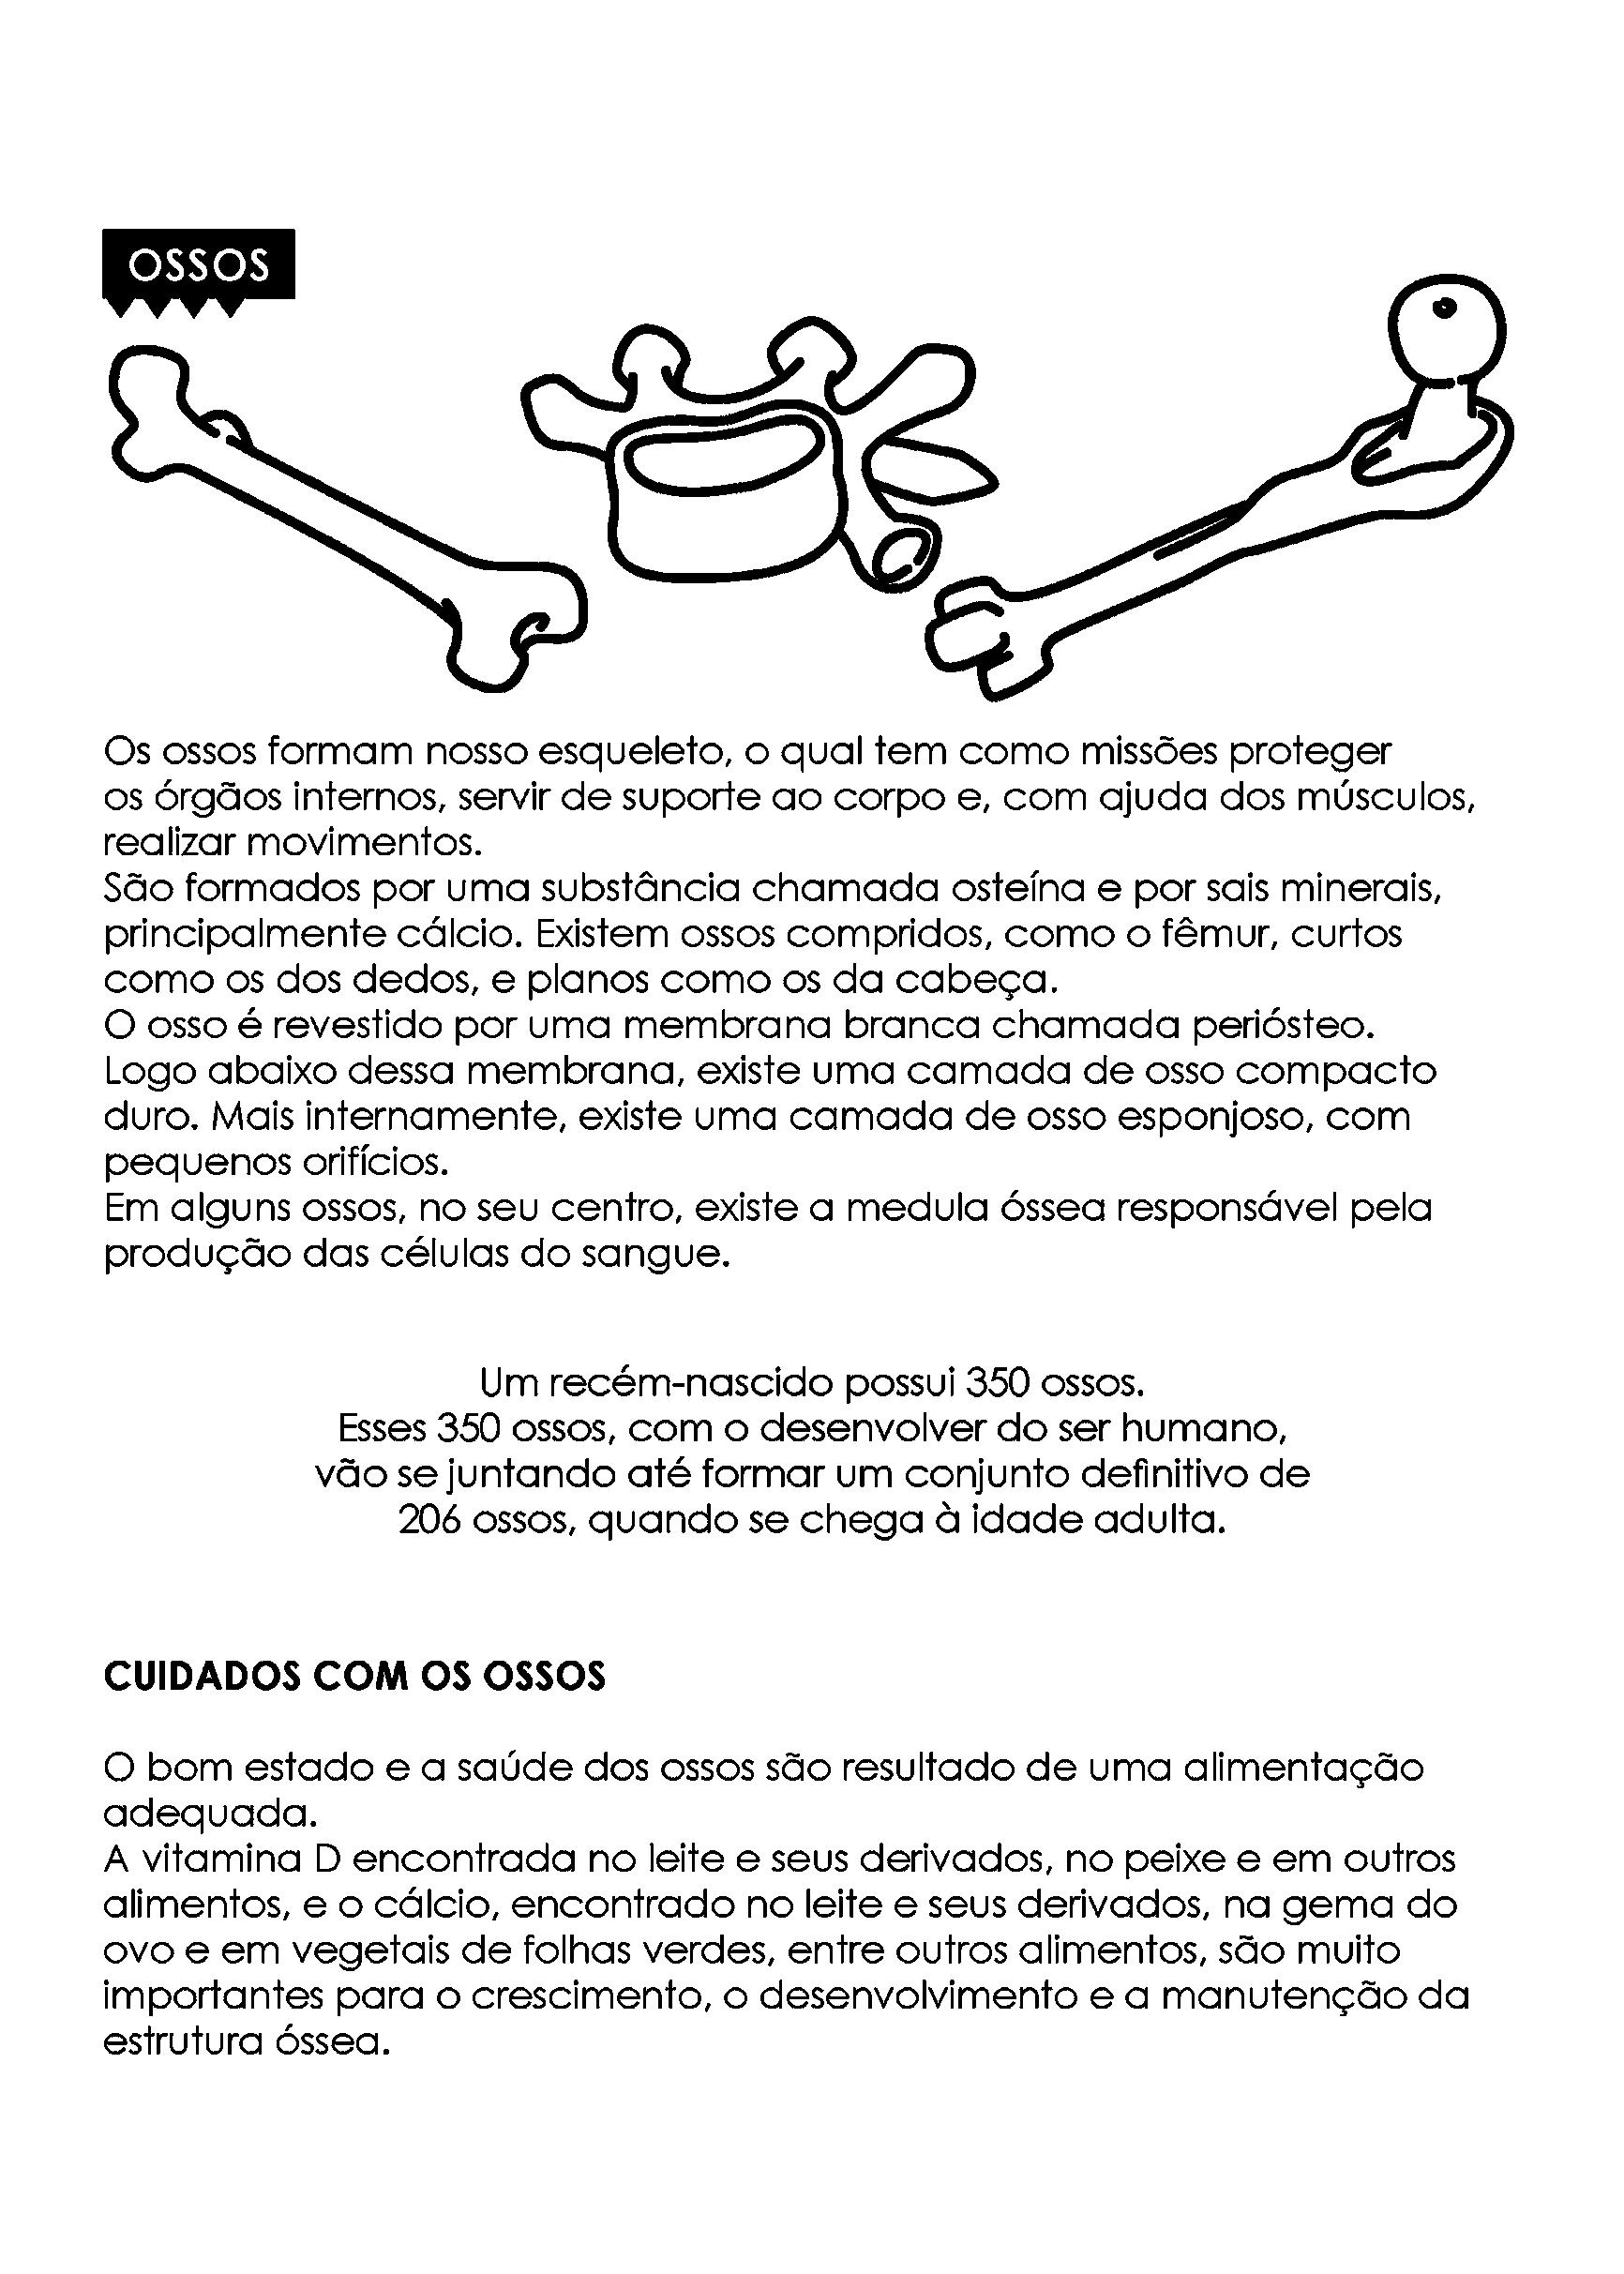 texto sobre os ossos do corpo humano